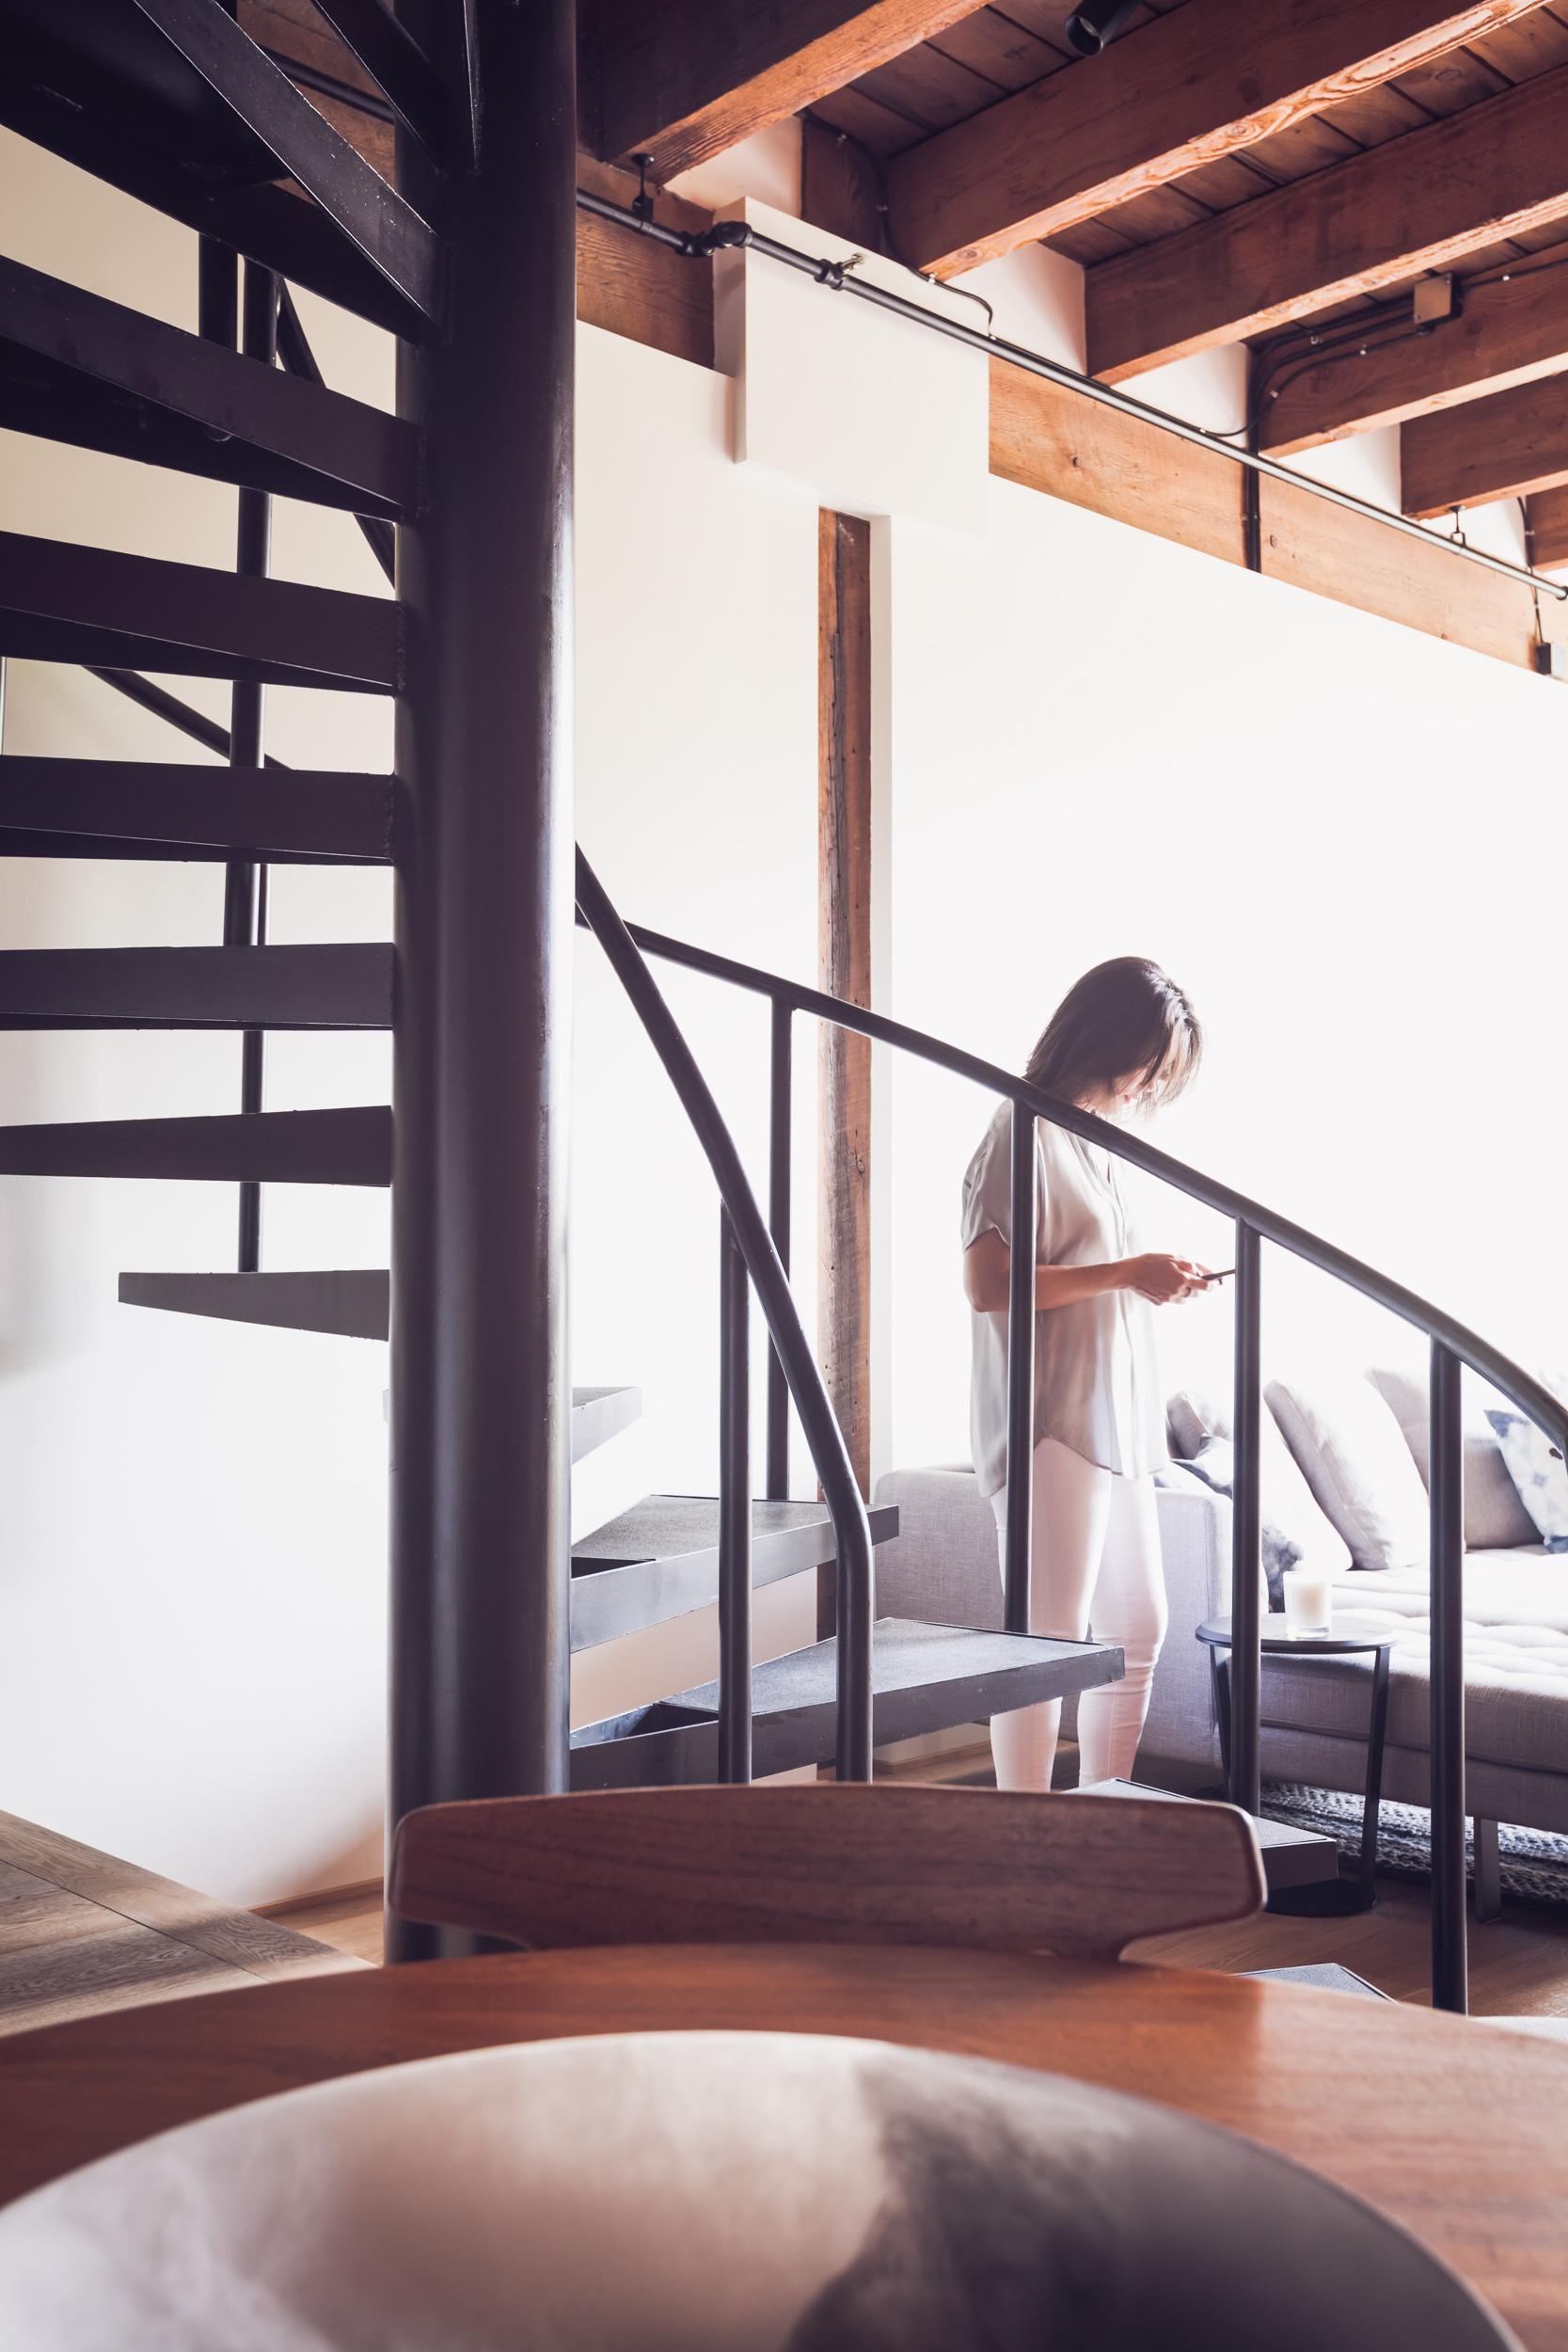 designreflektor-editorial-commercial-photopgraphy-vancouver-0224.jpg